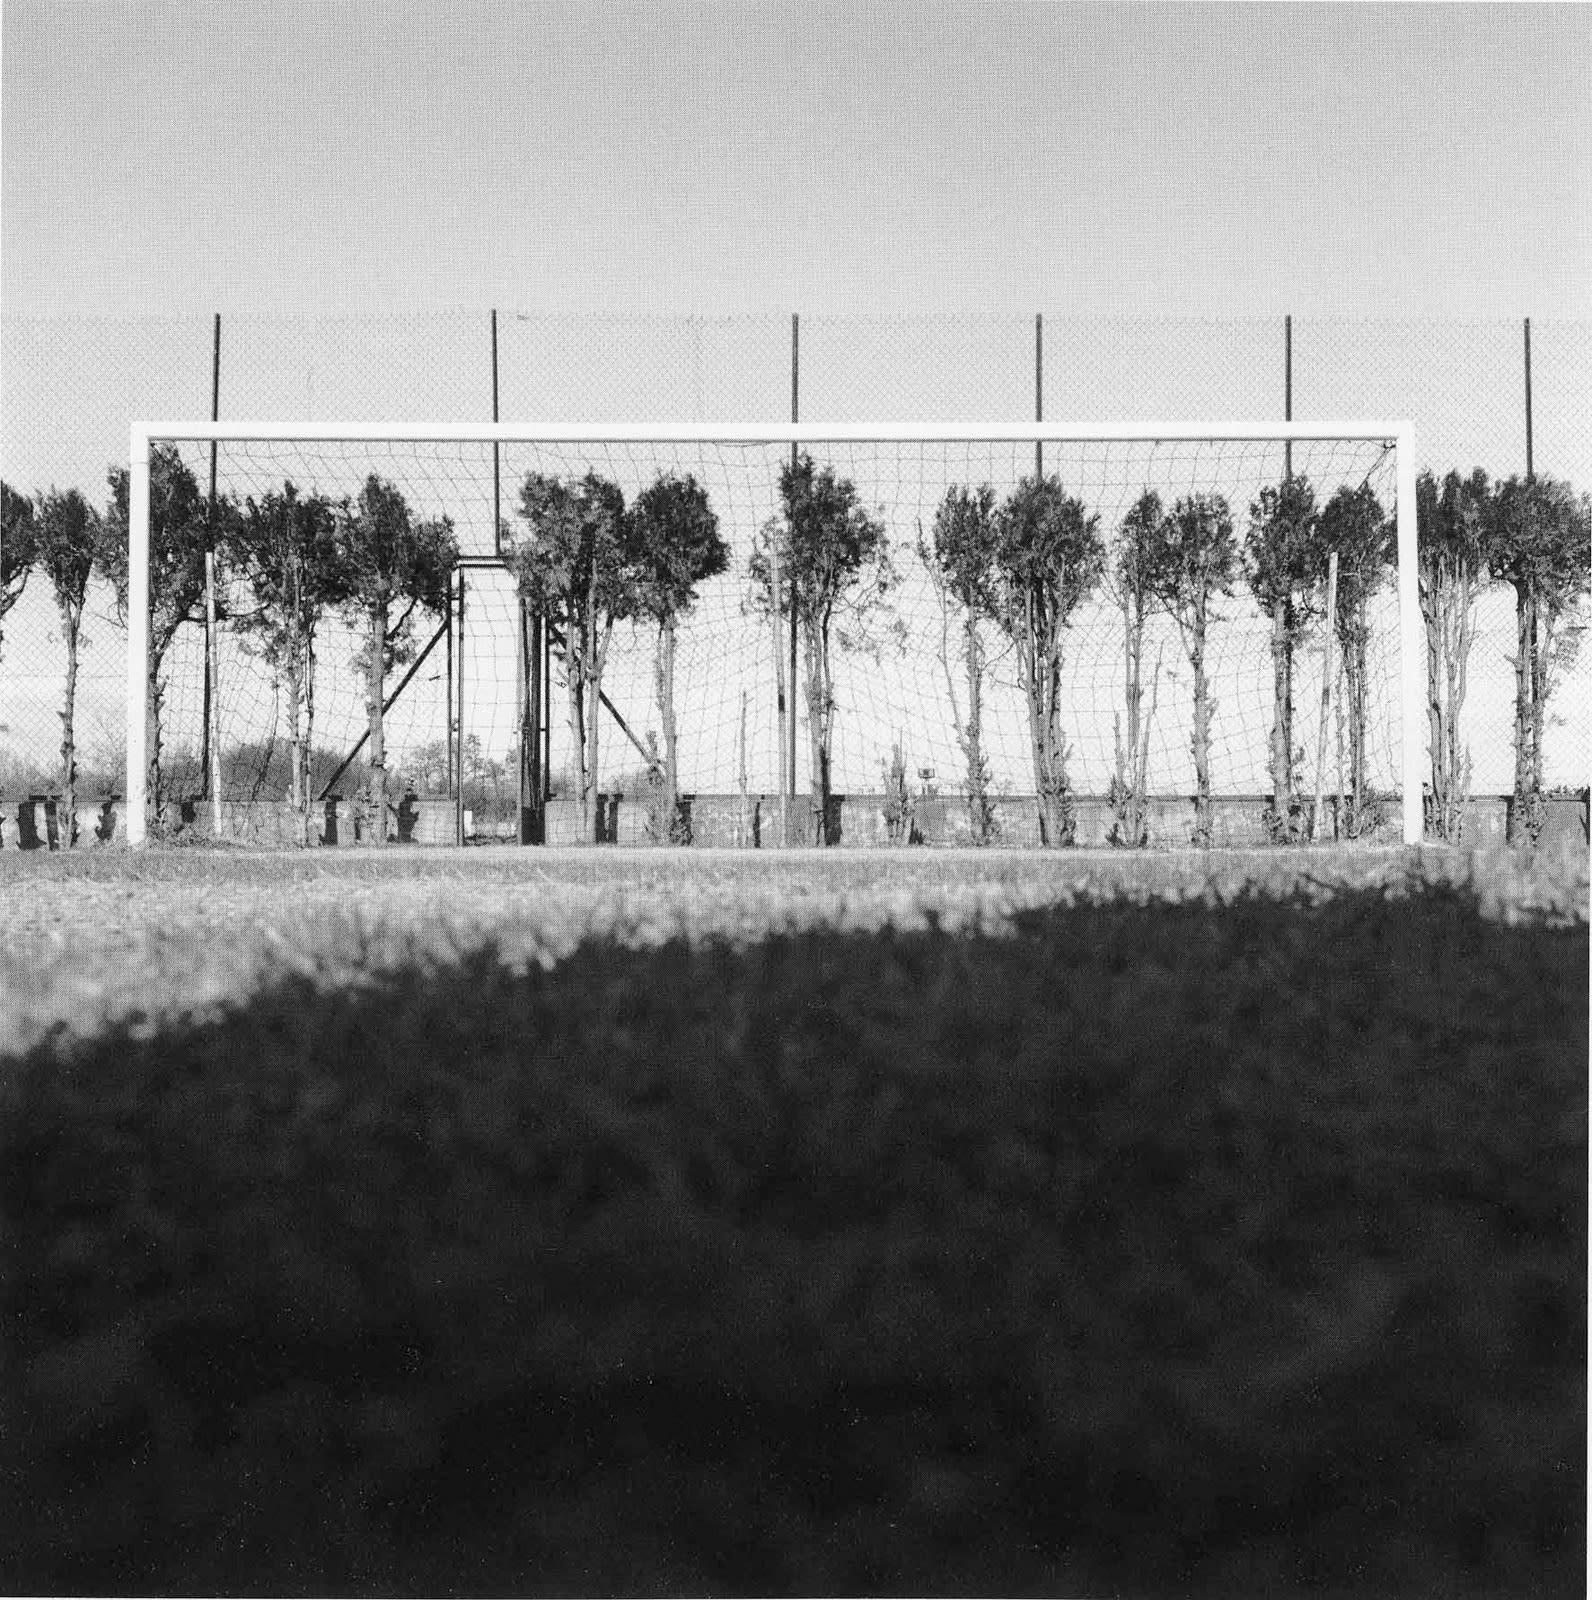 Pierre Schwartz, Marsillagues, France, 1994